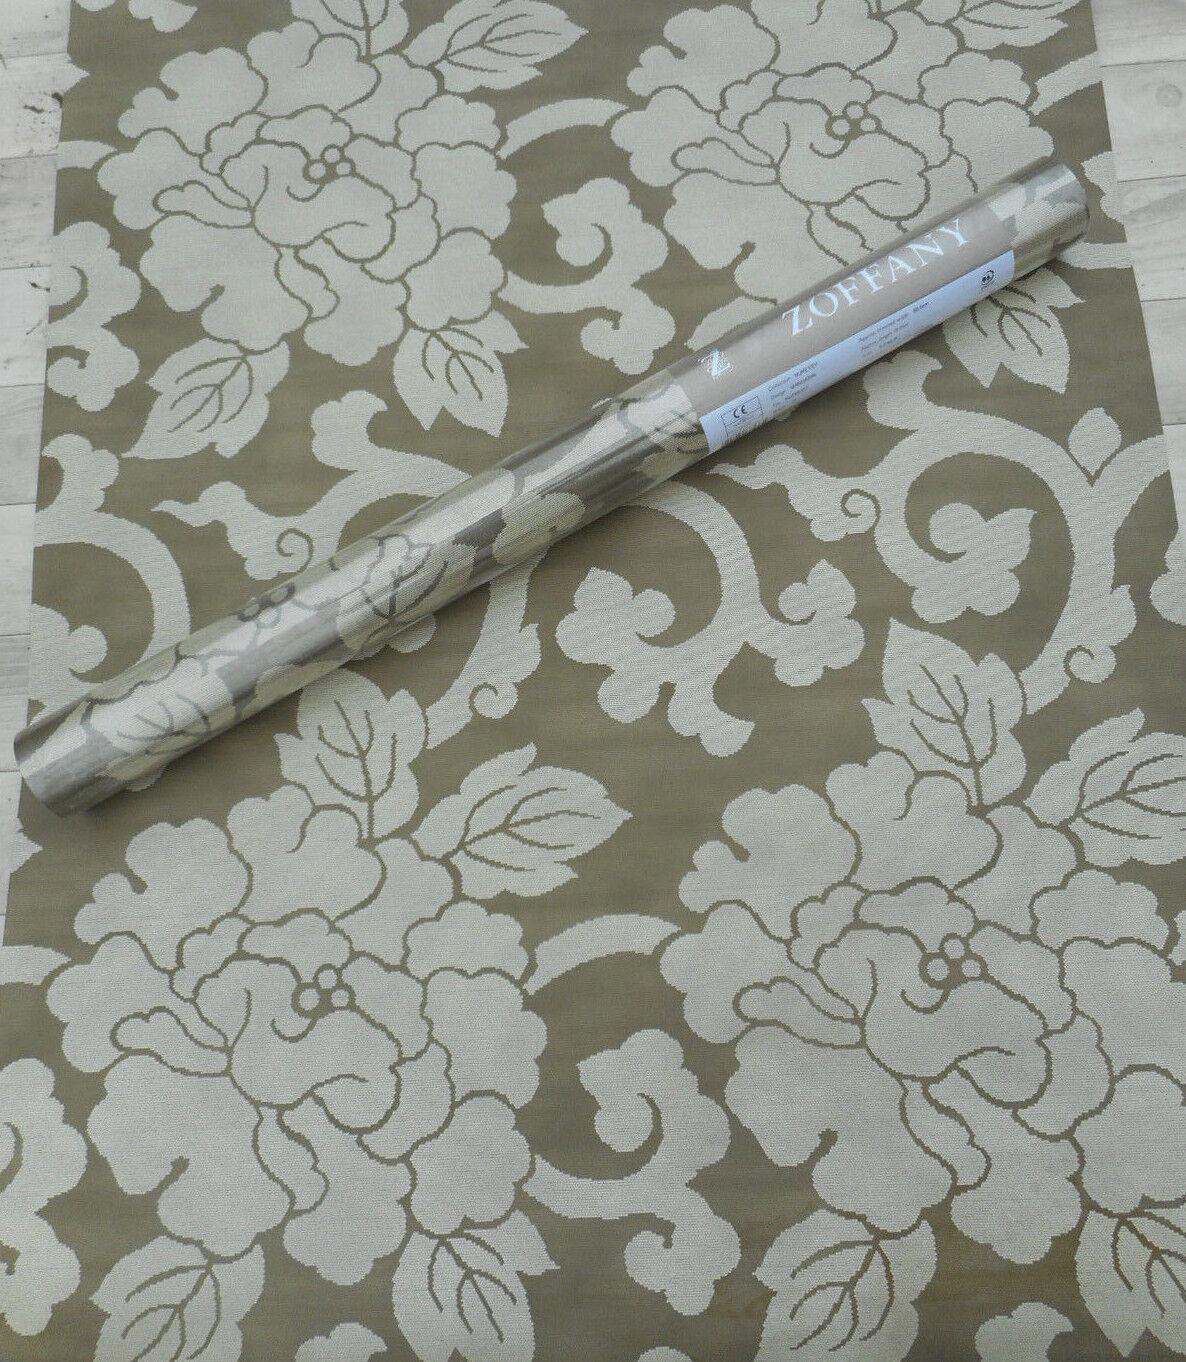 Zoffany Wallpaper - Mandarin 12 Rolls  New & Unopened - Nureyev Wallpapers 8007